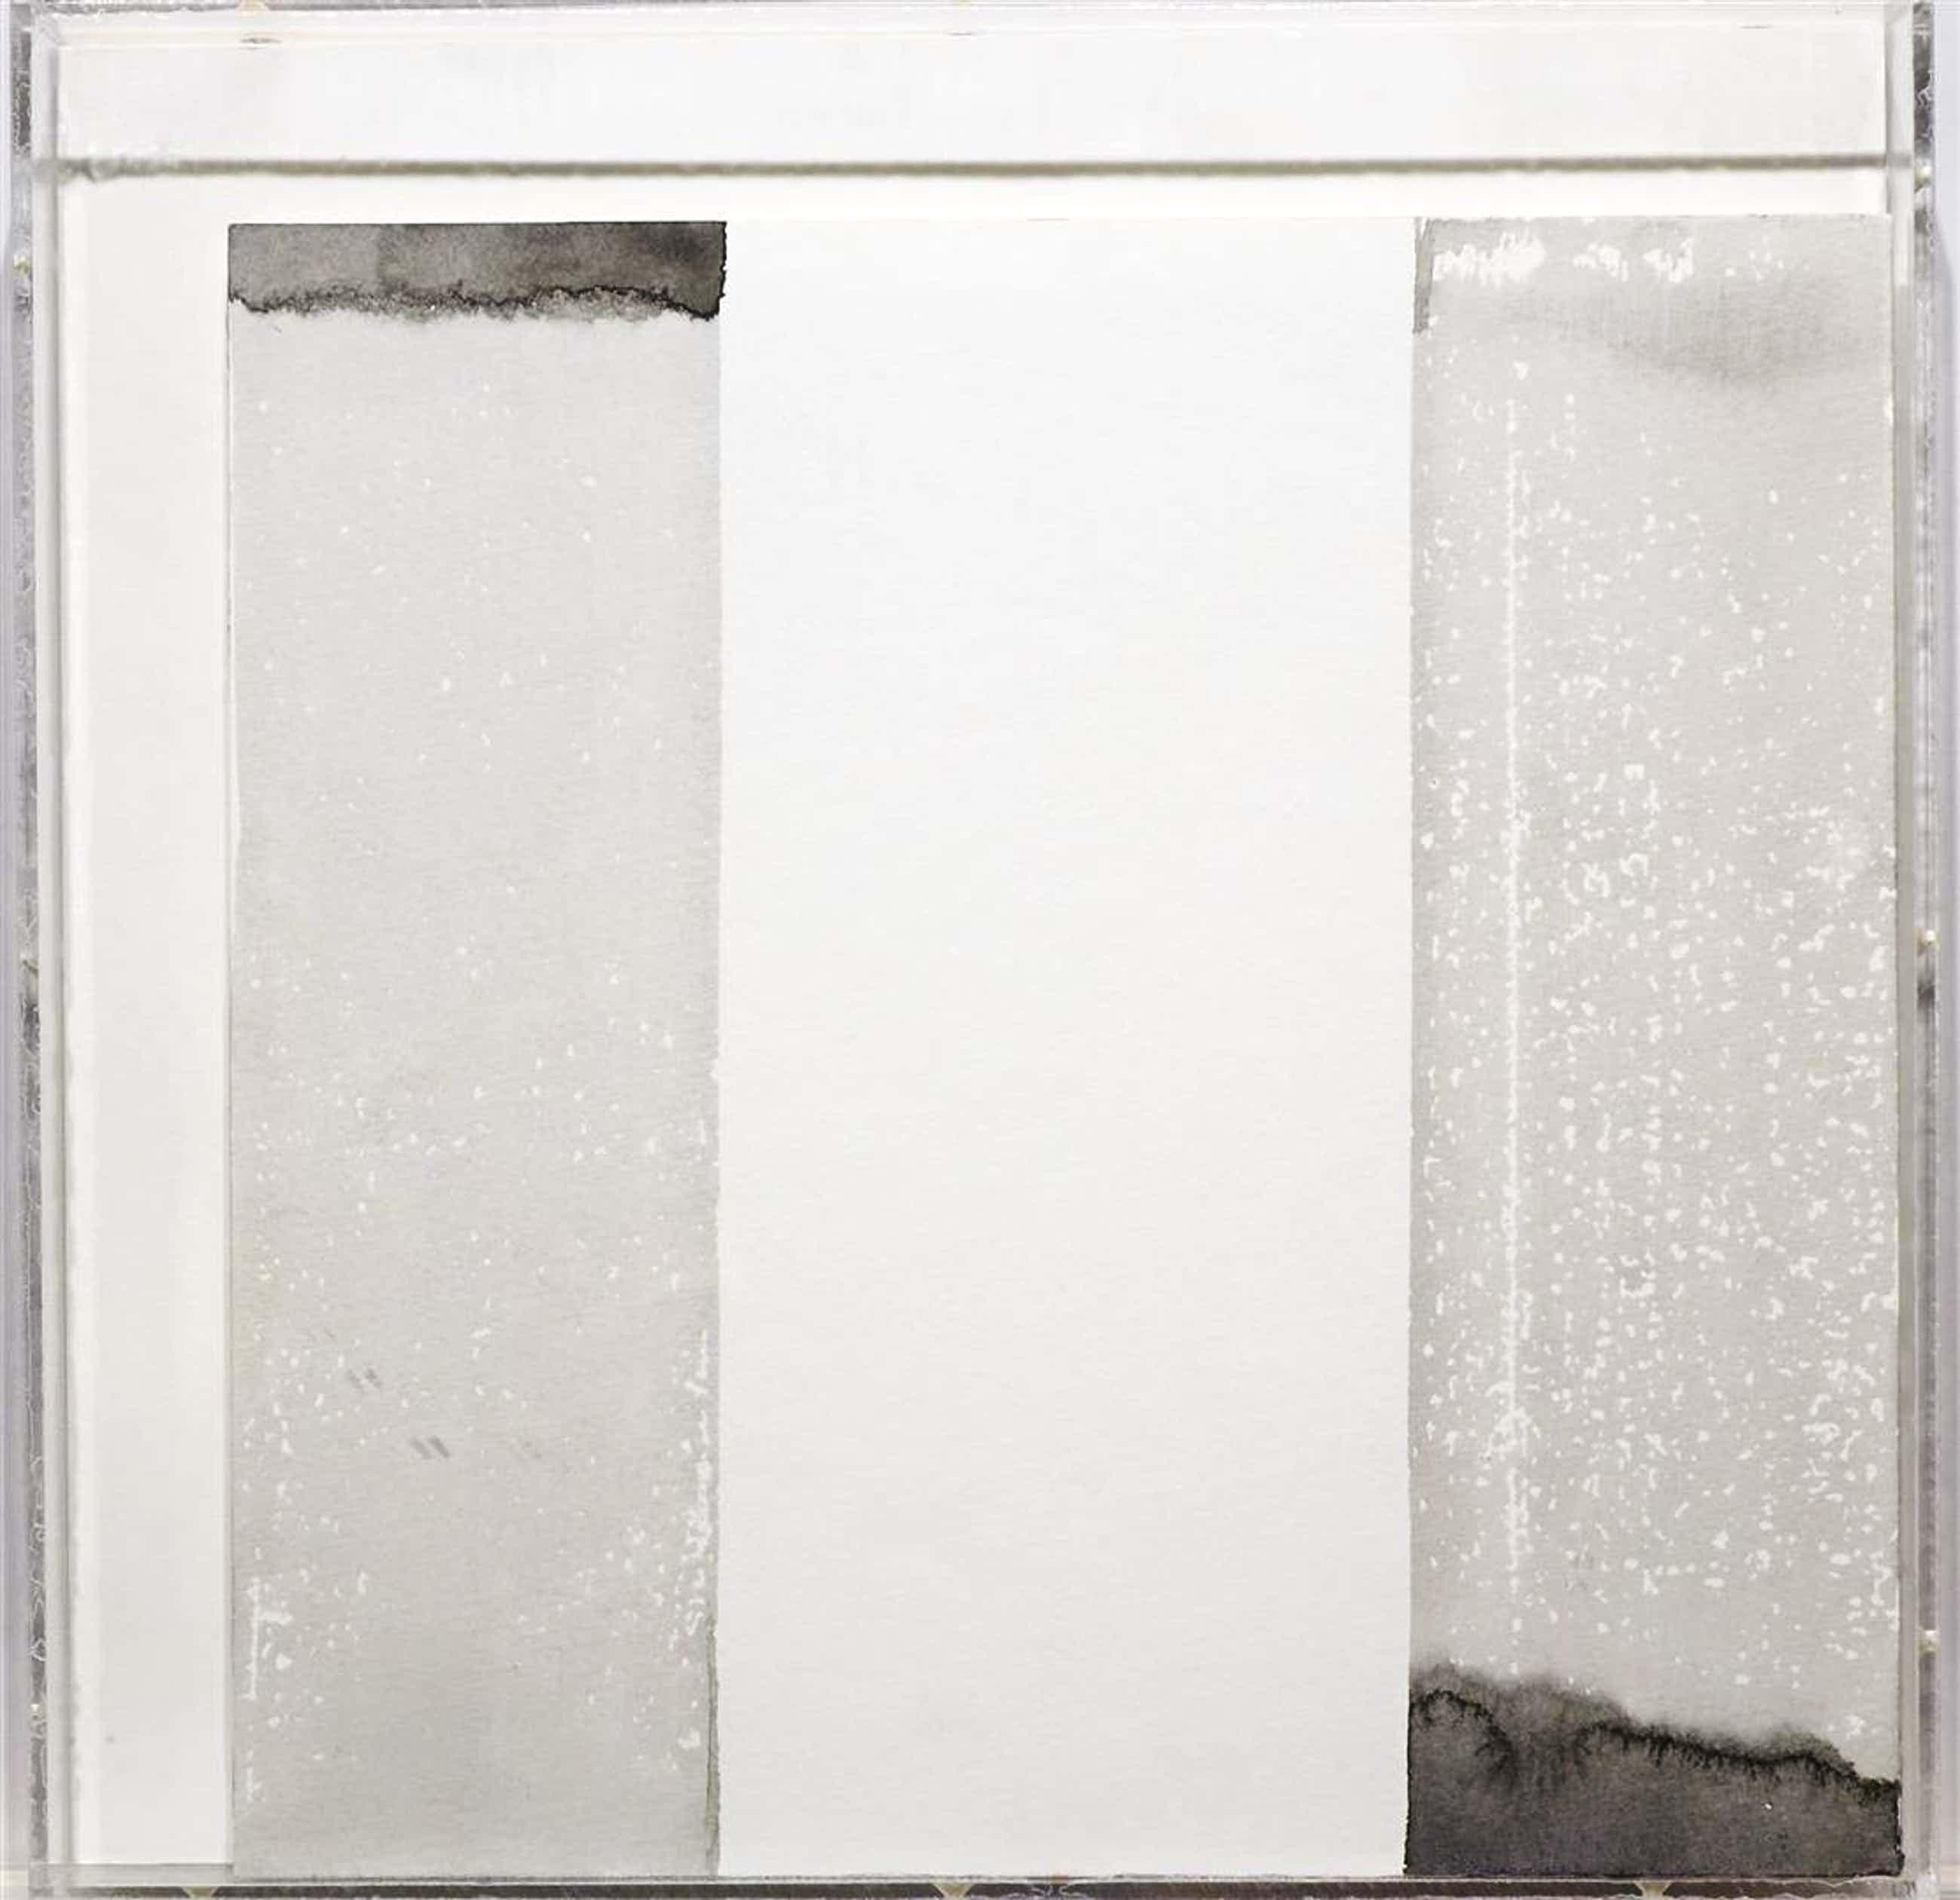 Eric de Nie - Aquarel in plexiglazen behuizing - 2012 kopen? Bied vanaf 195!